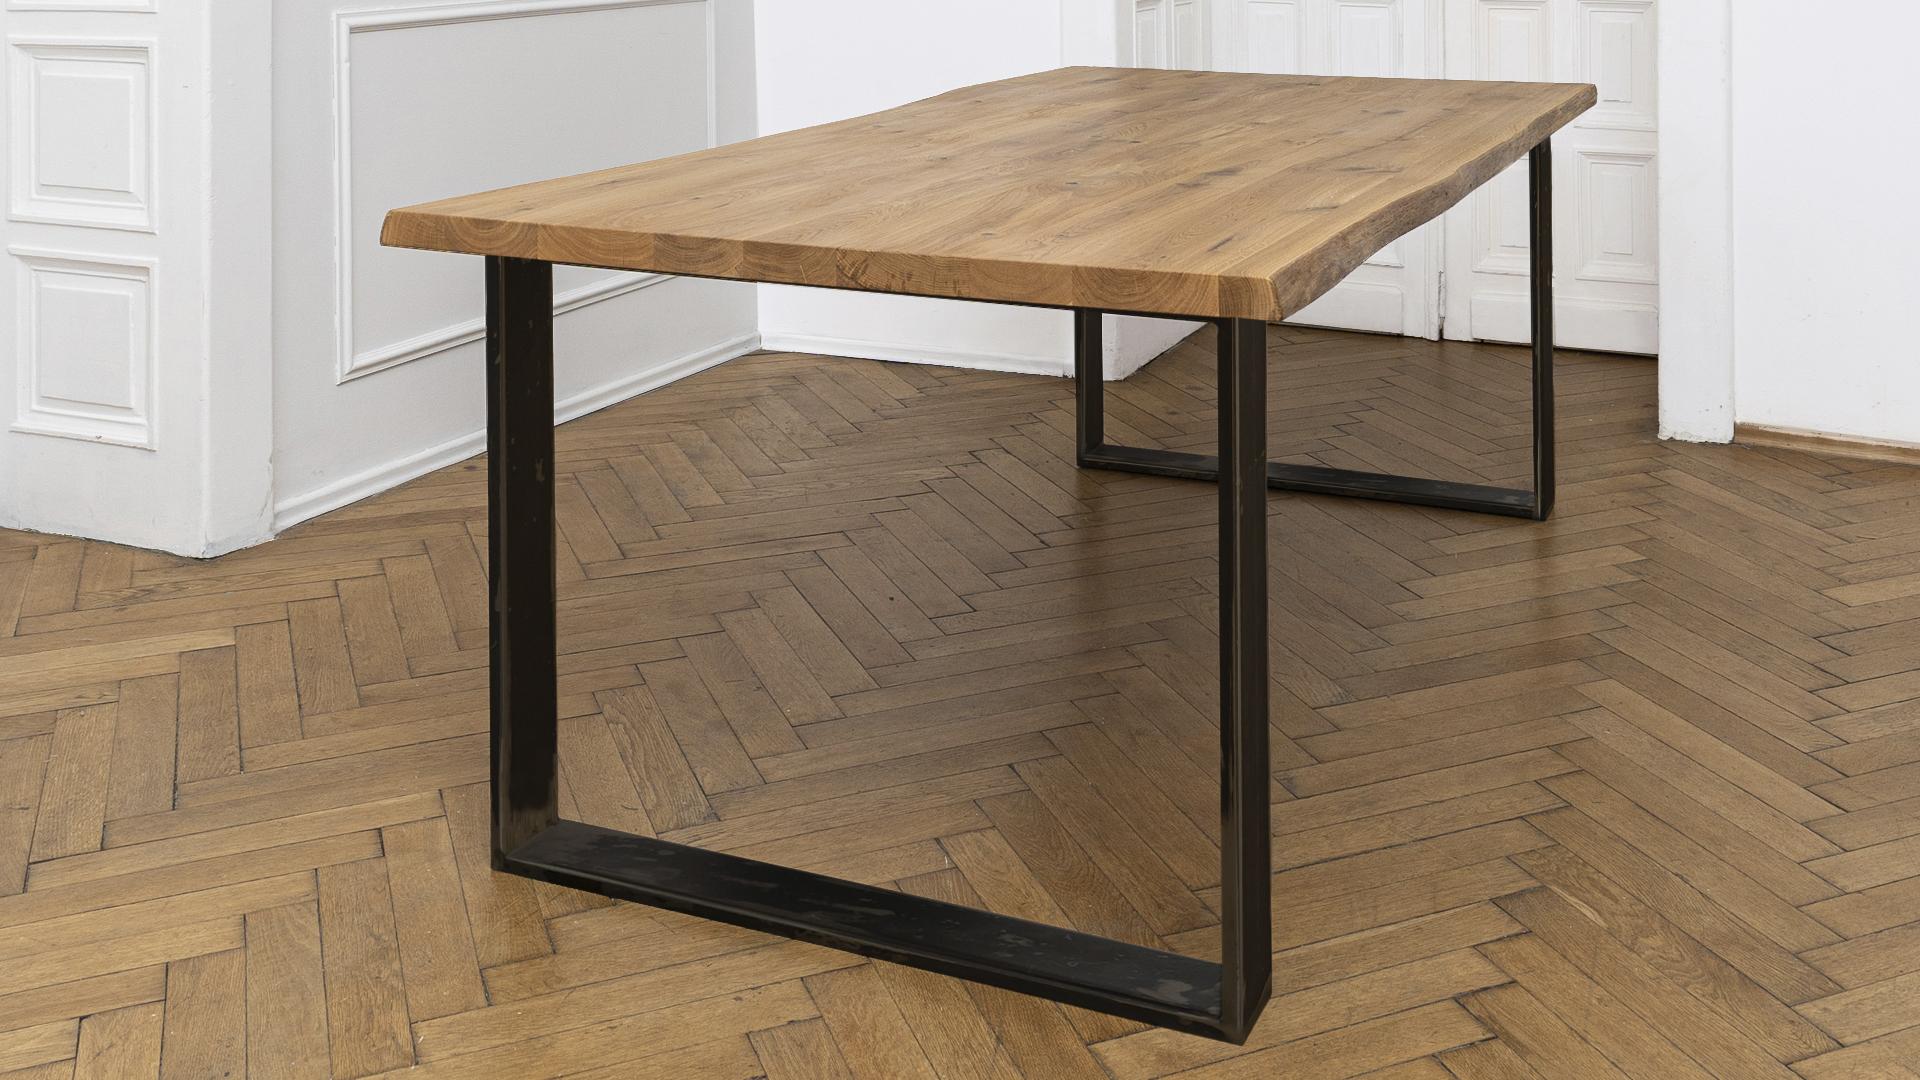 dębowy stół, noga stalowa